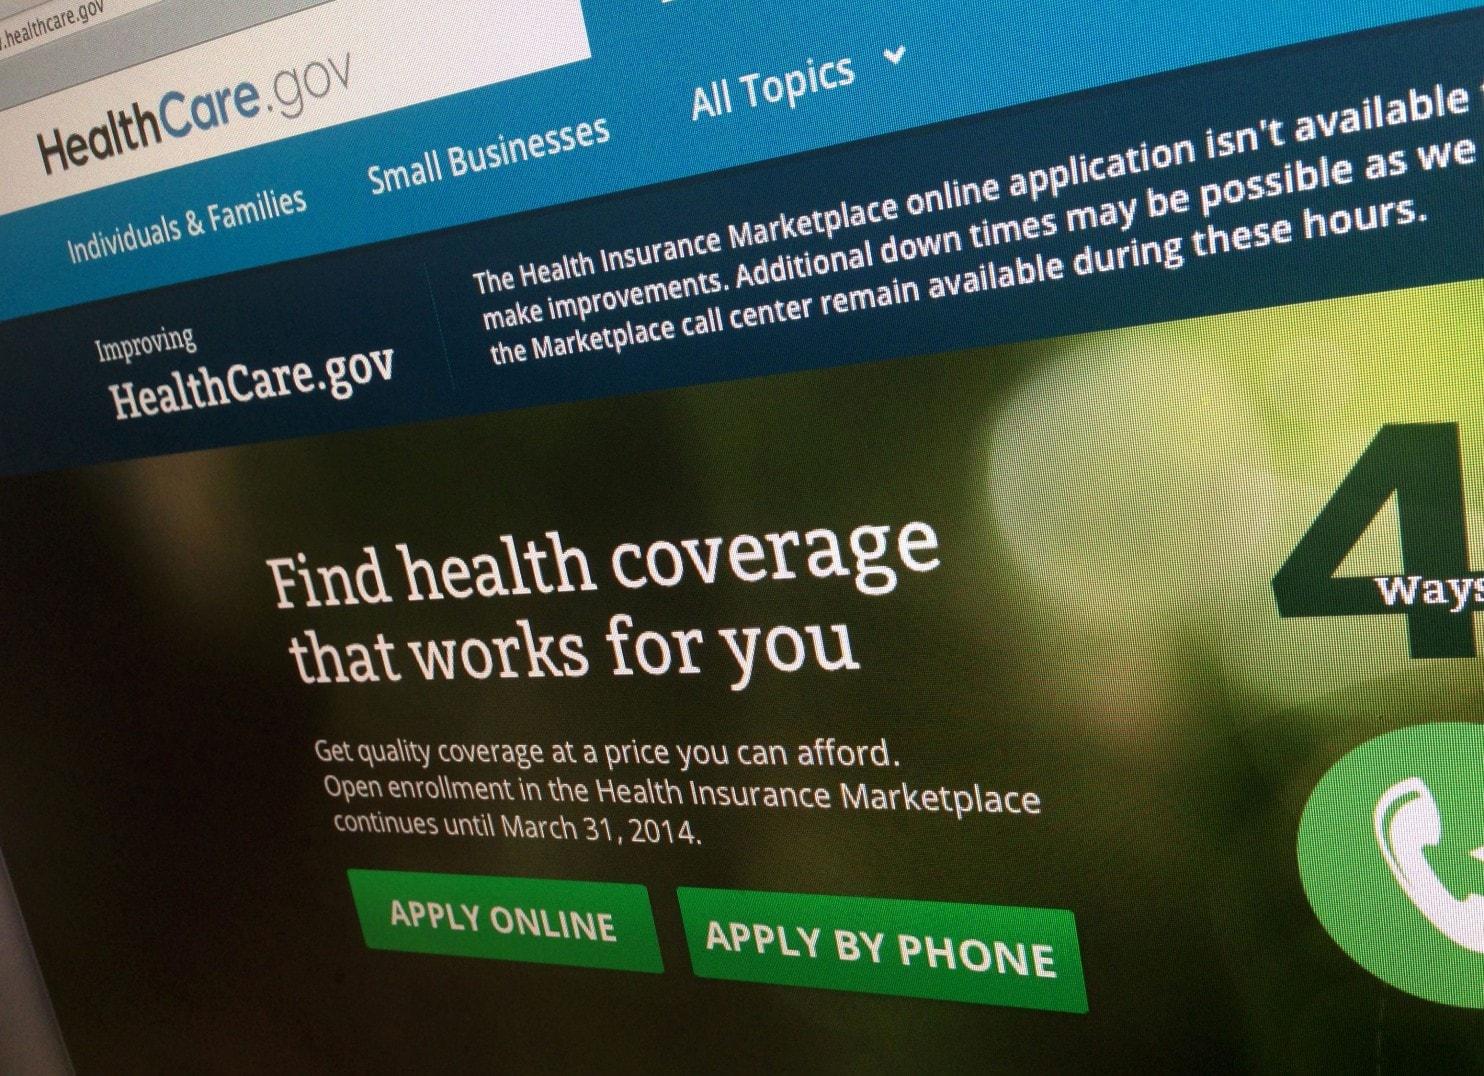 Trang web healthcare.gov sẽ đóng cửa một số ngày trong giai đoạn ghi danh vì cần bảo trì